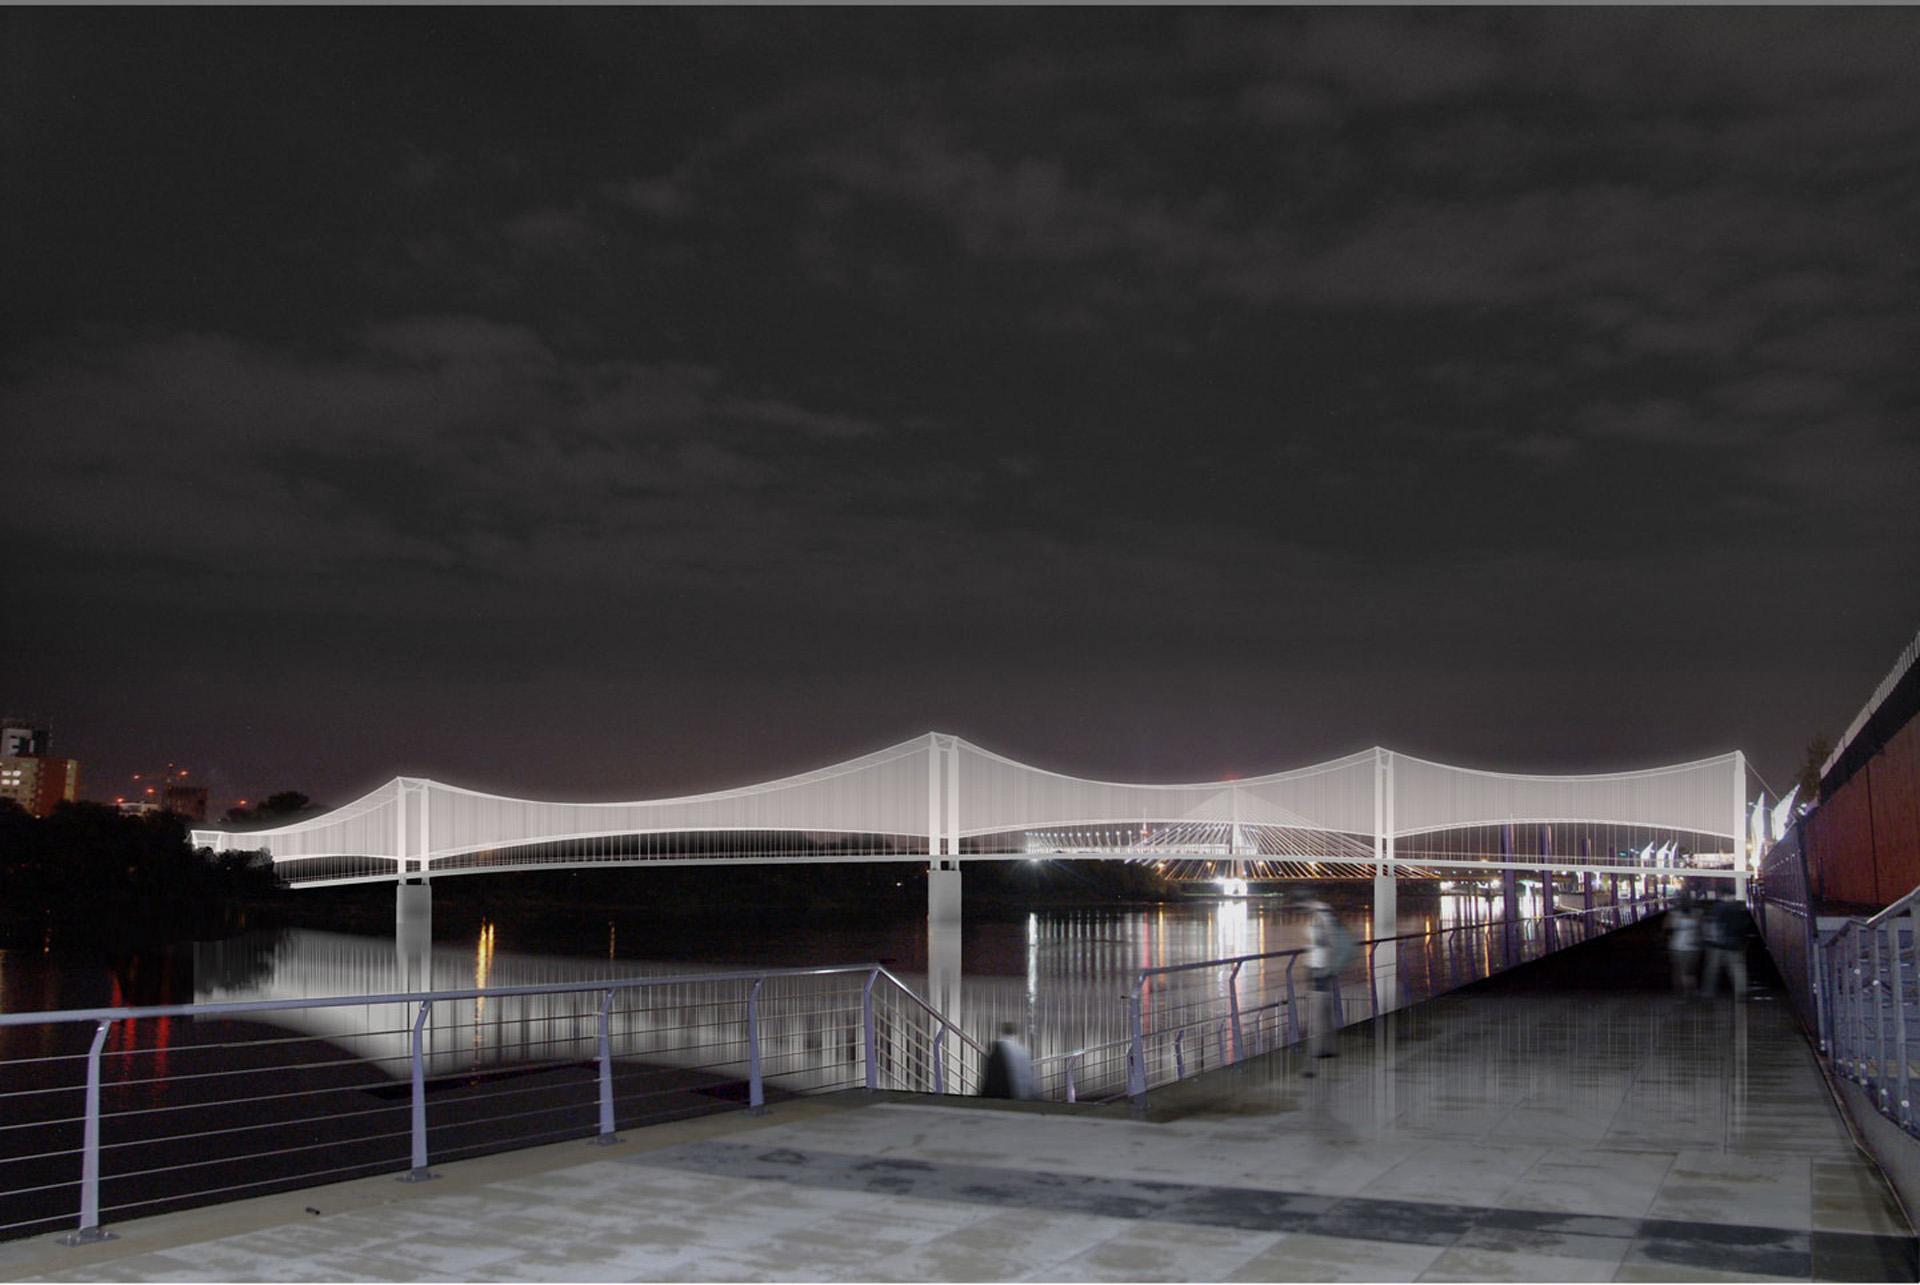 Kładka pieszo-rowerowa nad Wisłą. Projekt BAZA architekci.